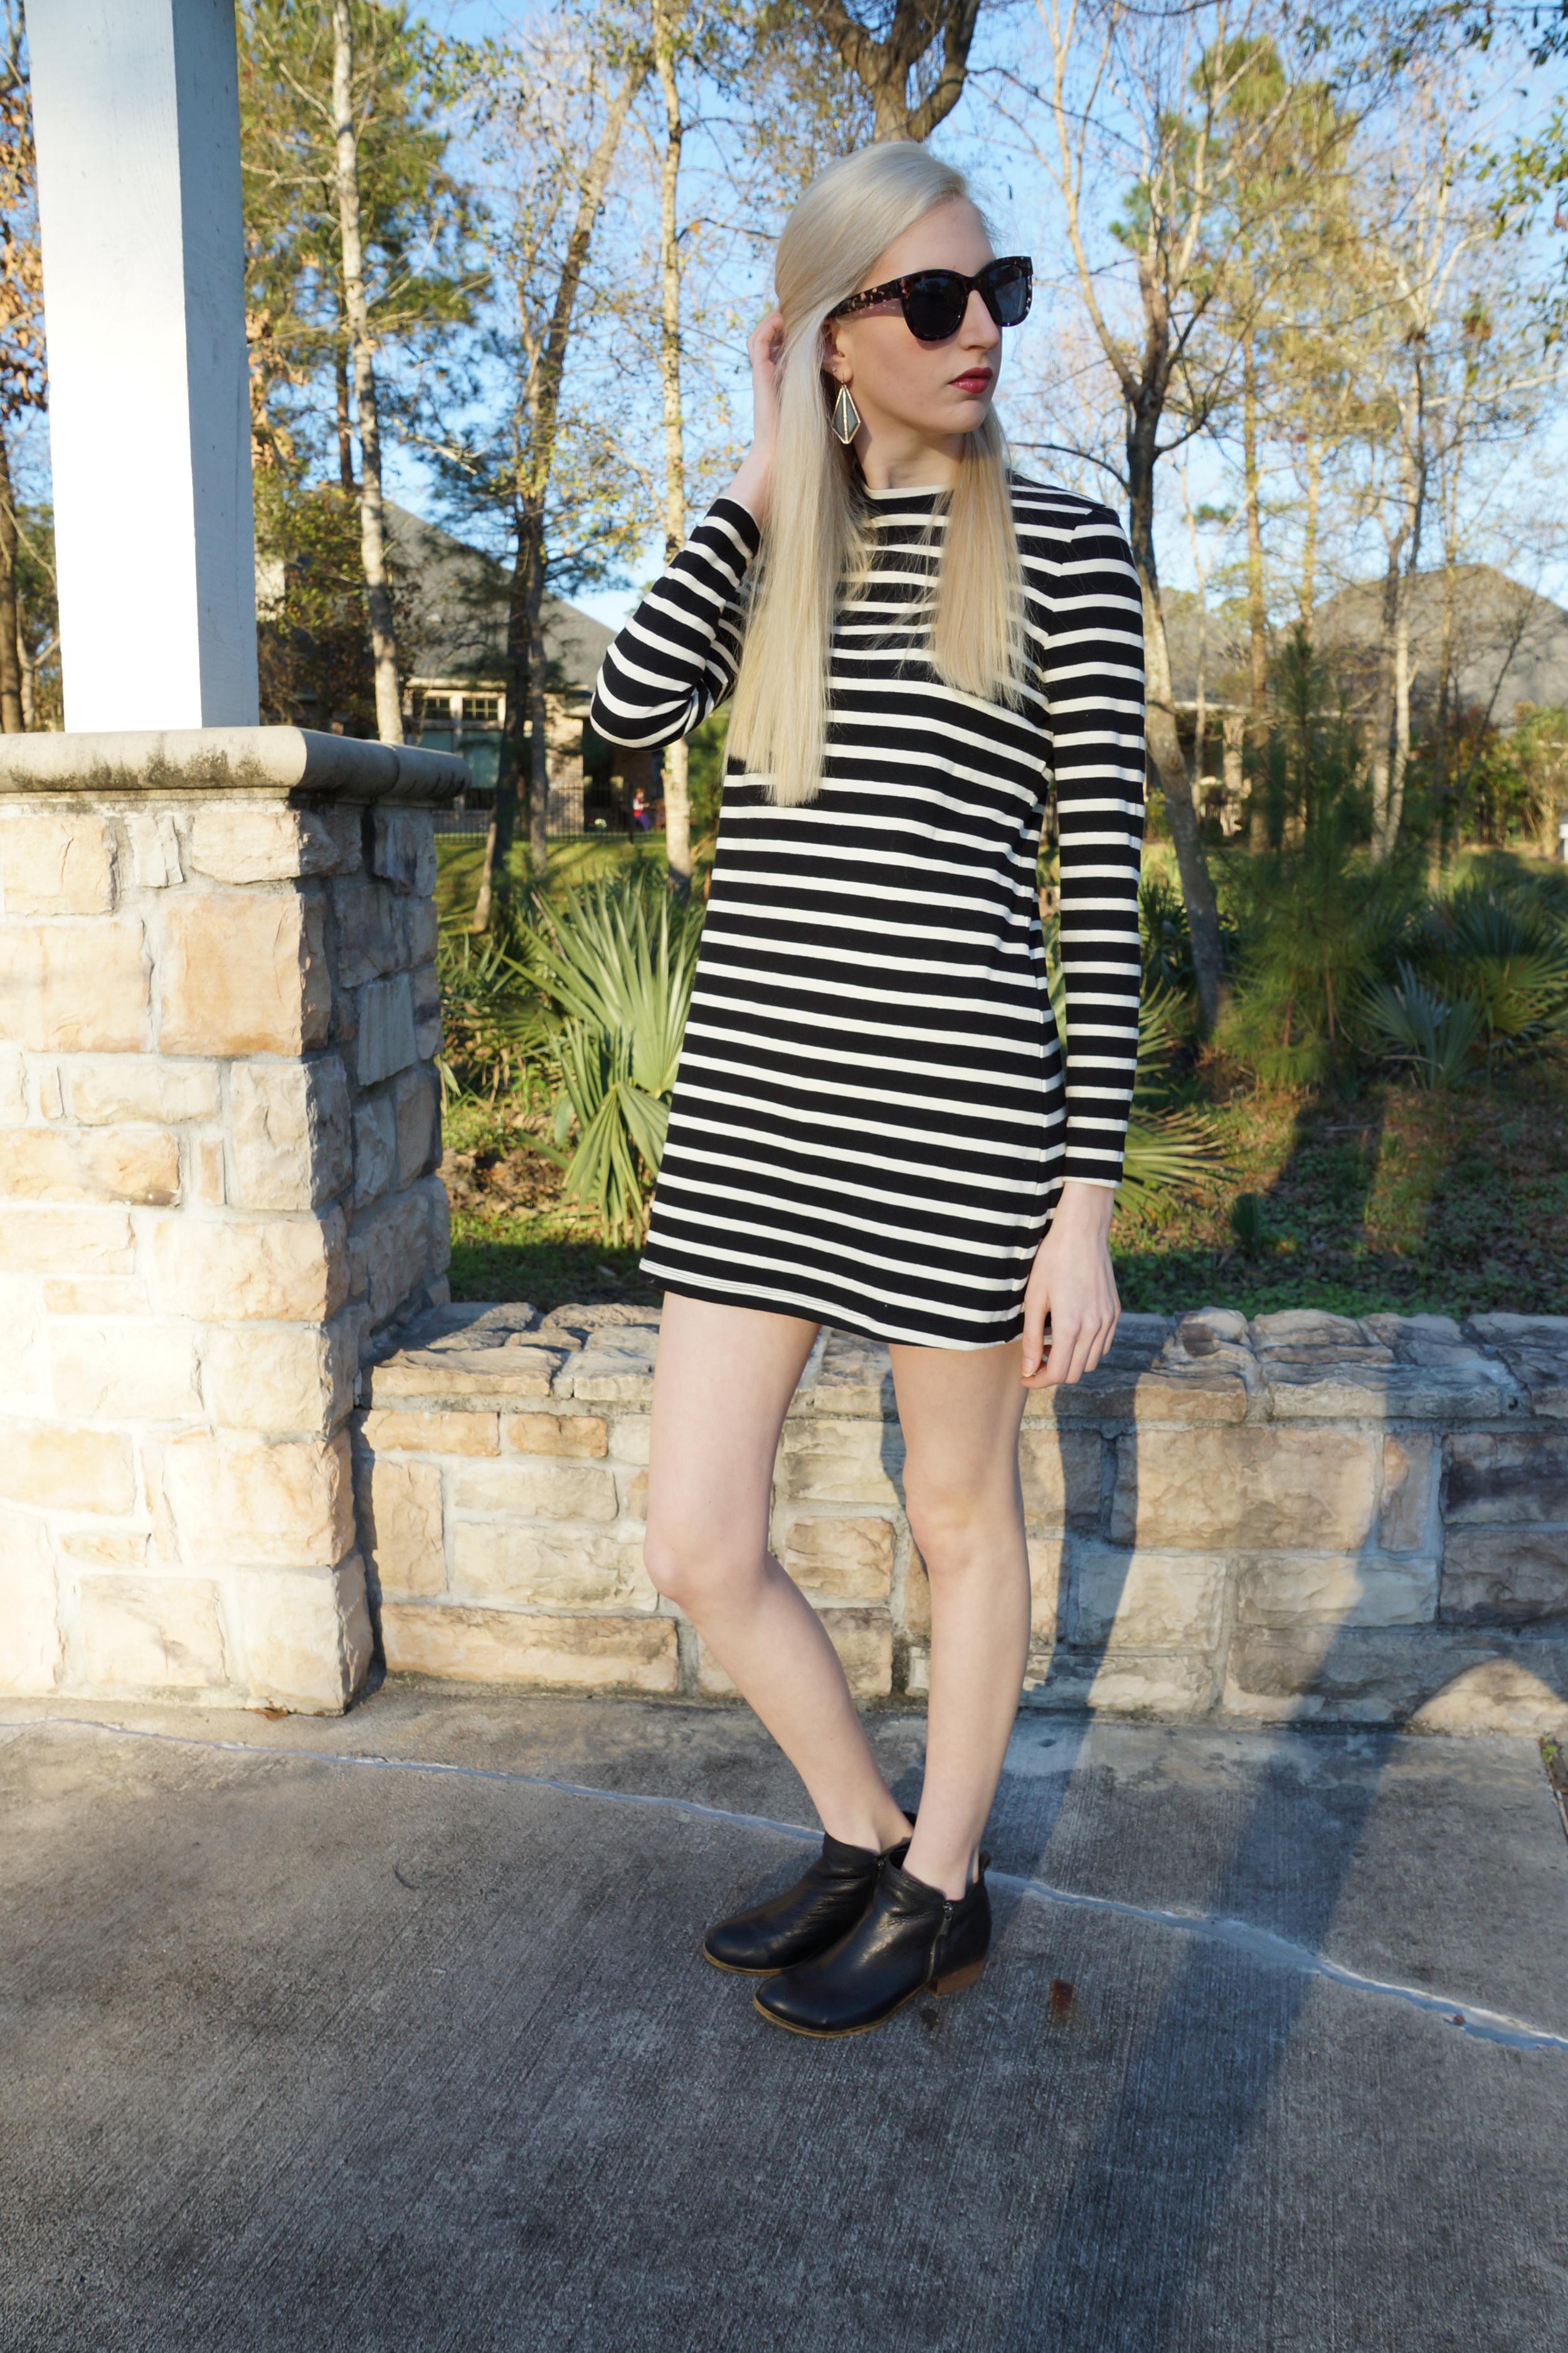 Forever 21 striped shift dress, steve madden black ankle boots, LOFT sunglasses, target earrings, Elizabeth Arden lipstick